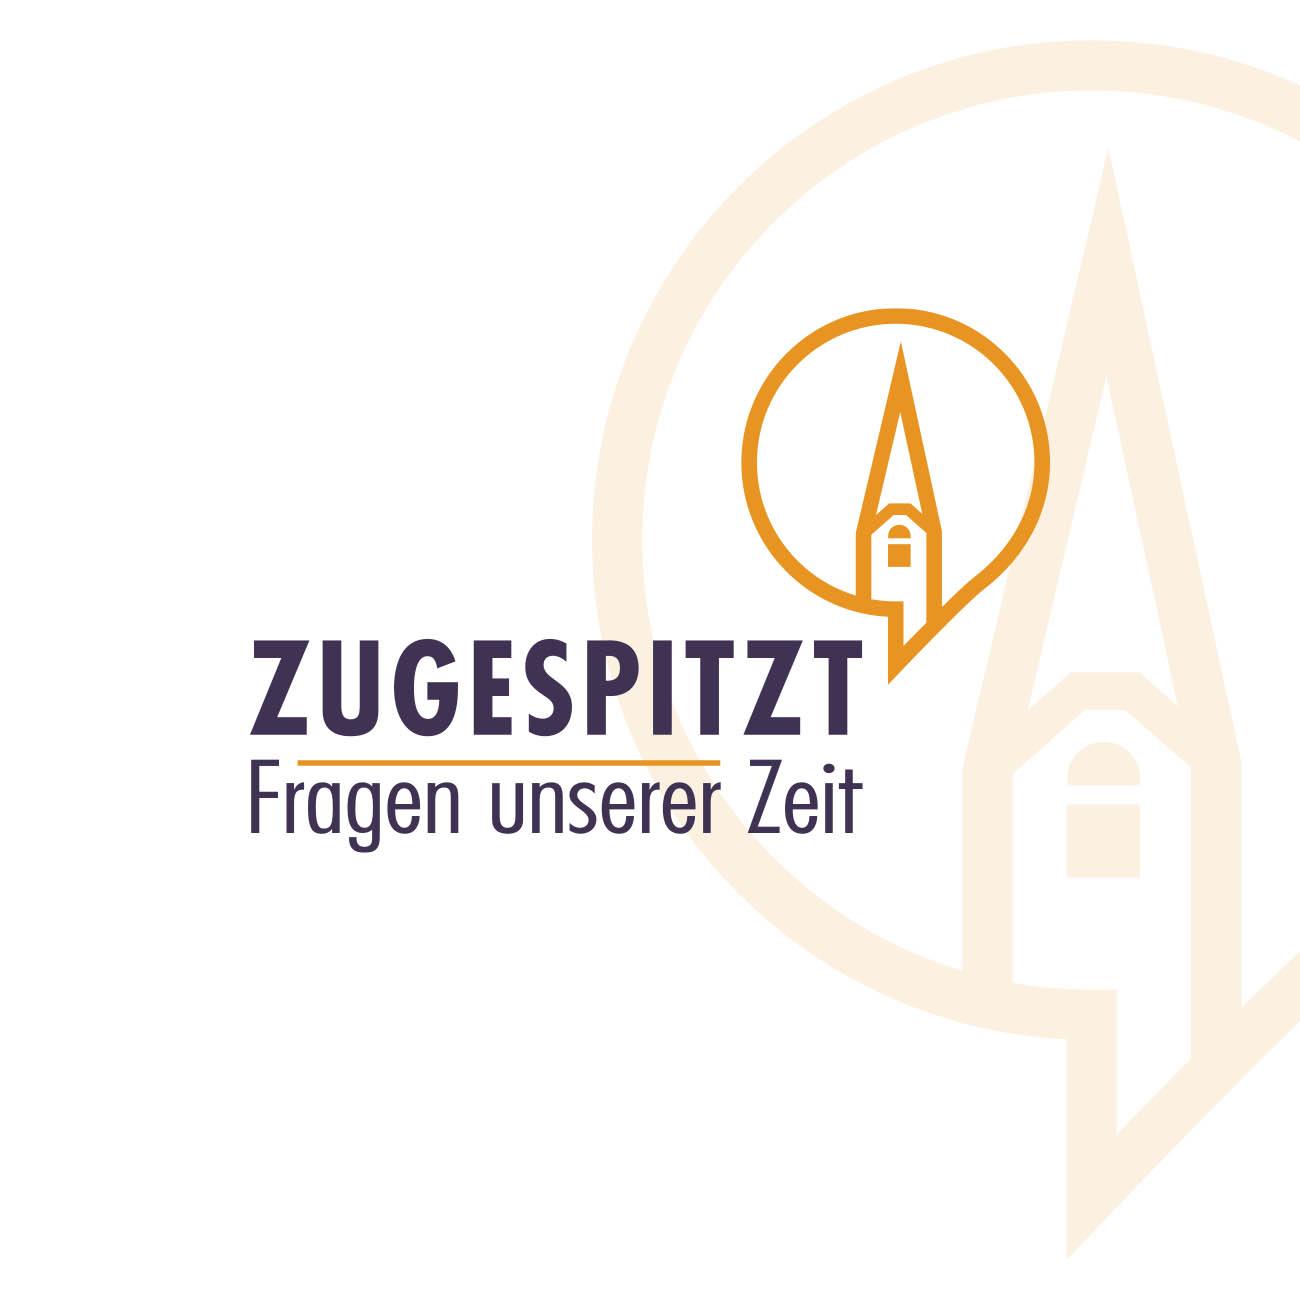 Zugespitzt – eine Logoentwicklung